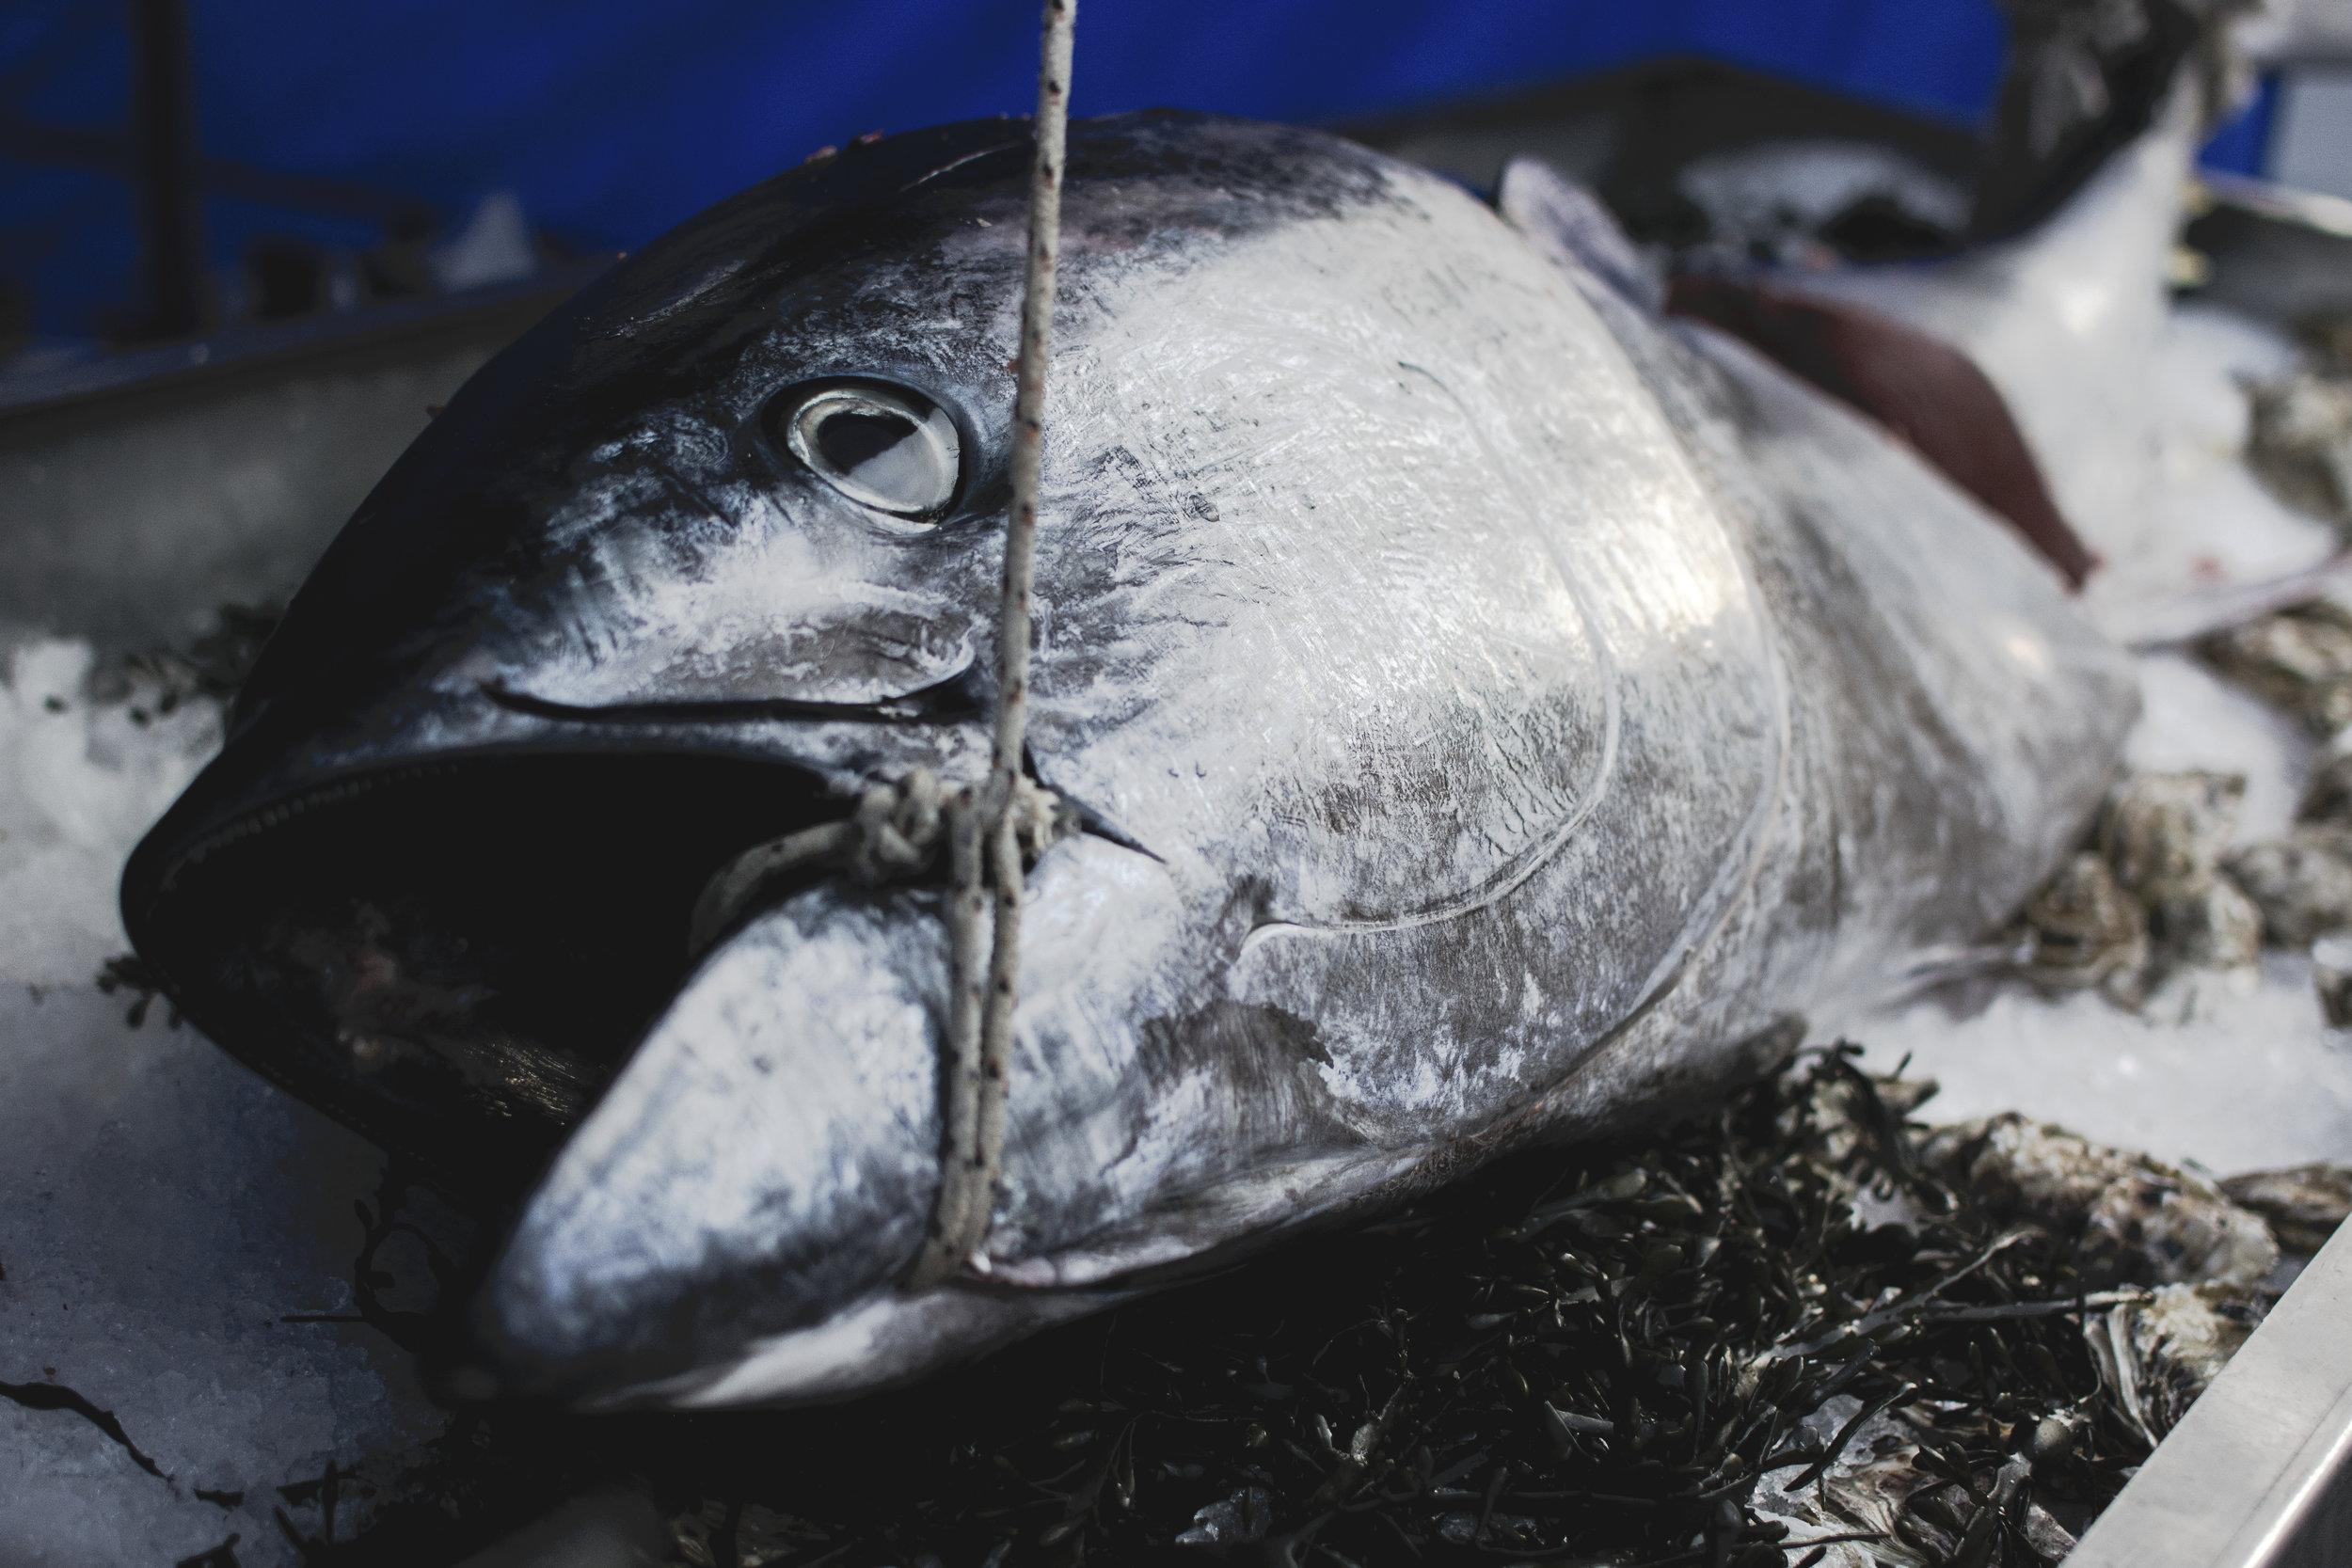 Yama Seafood, Inc